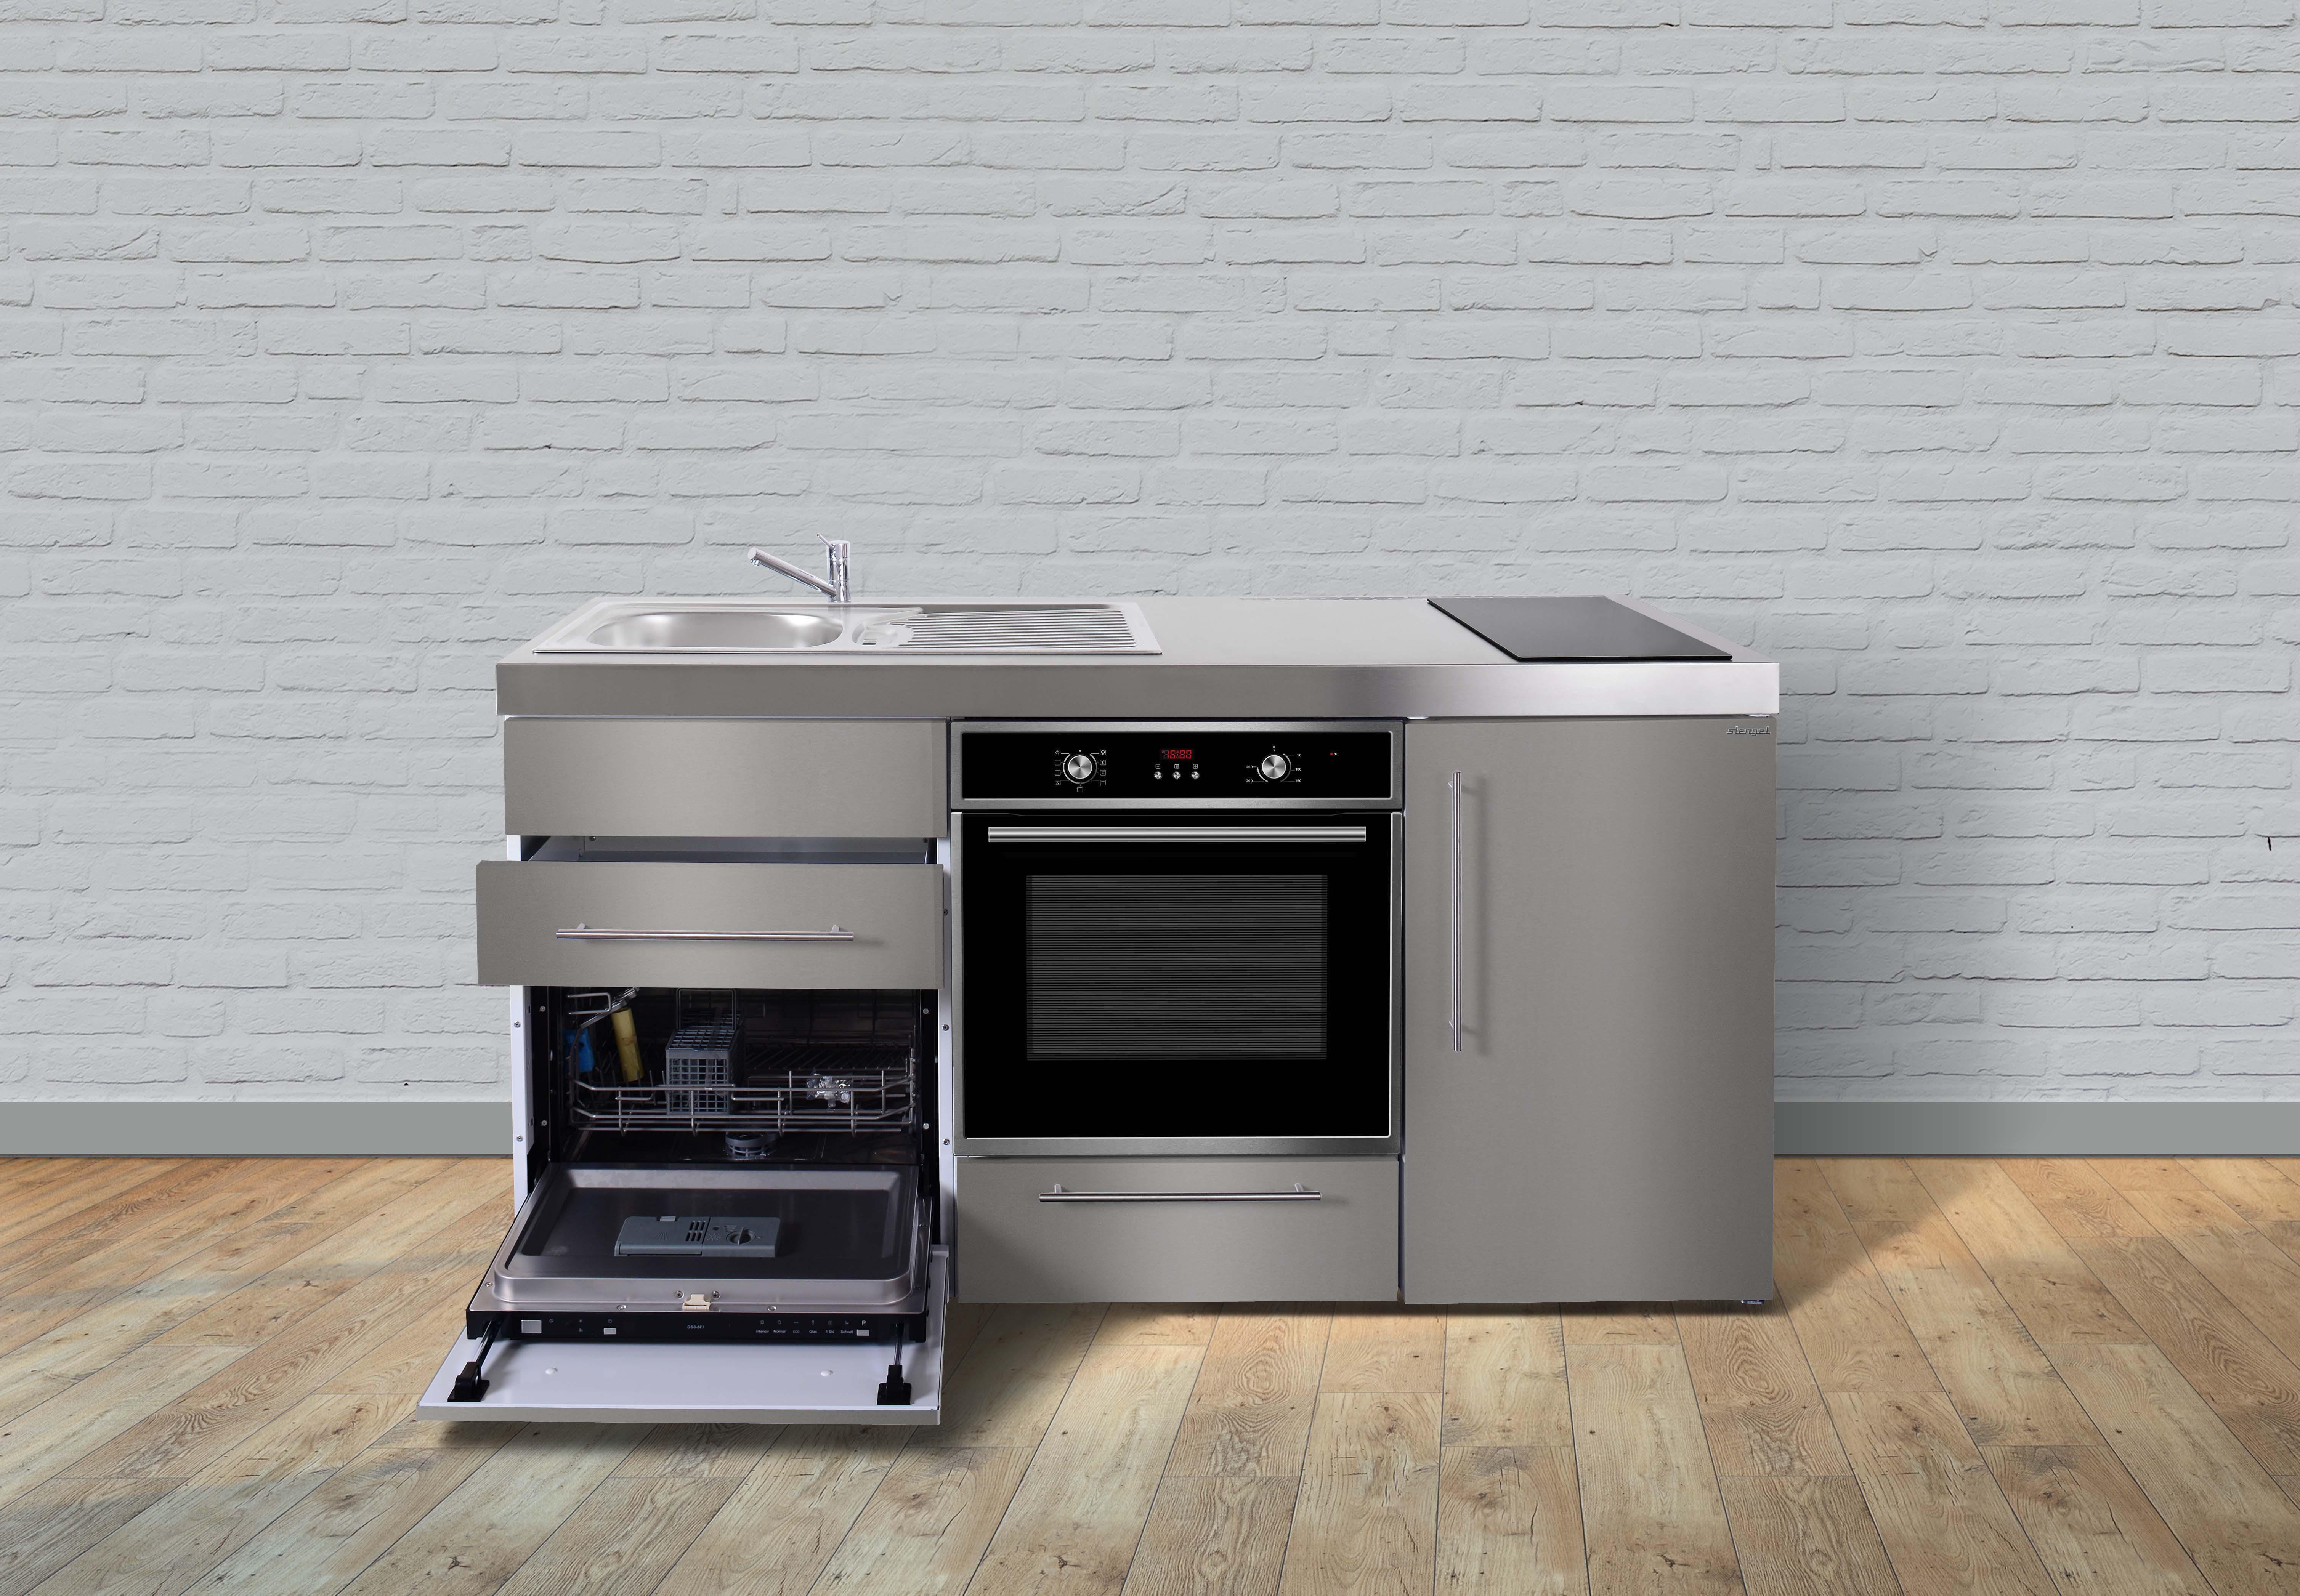 Miniküche Mit Backofen Ohne Kühlschrank : Stengel metall miniküche premiumline mpbgs kühlschrank